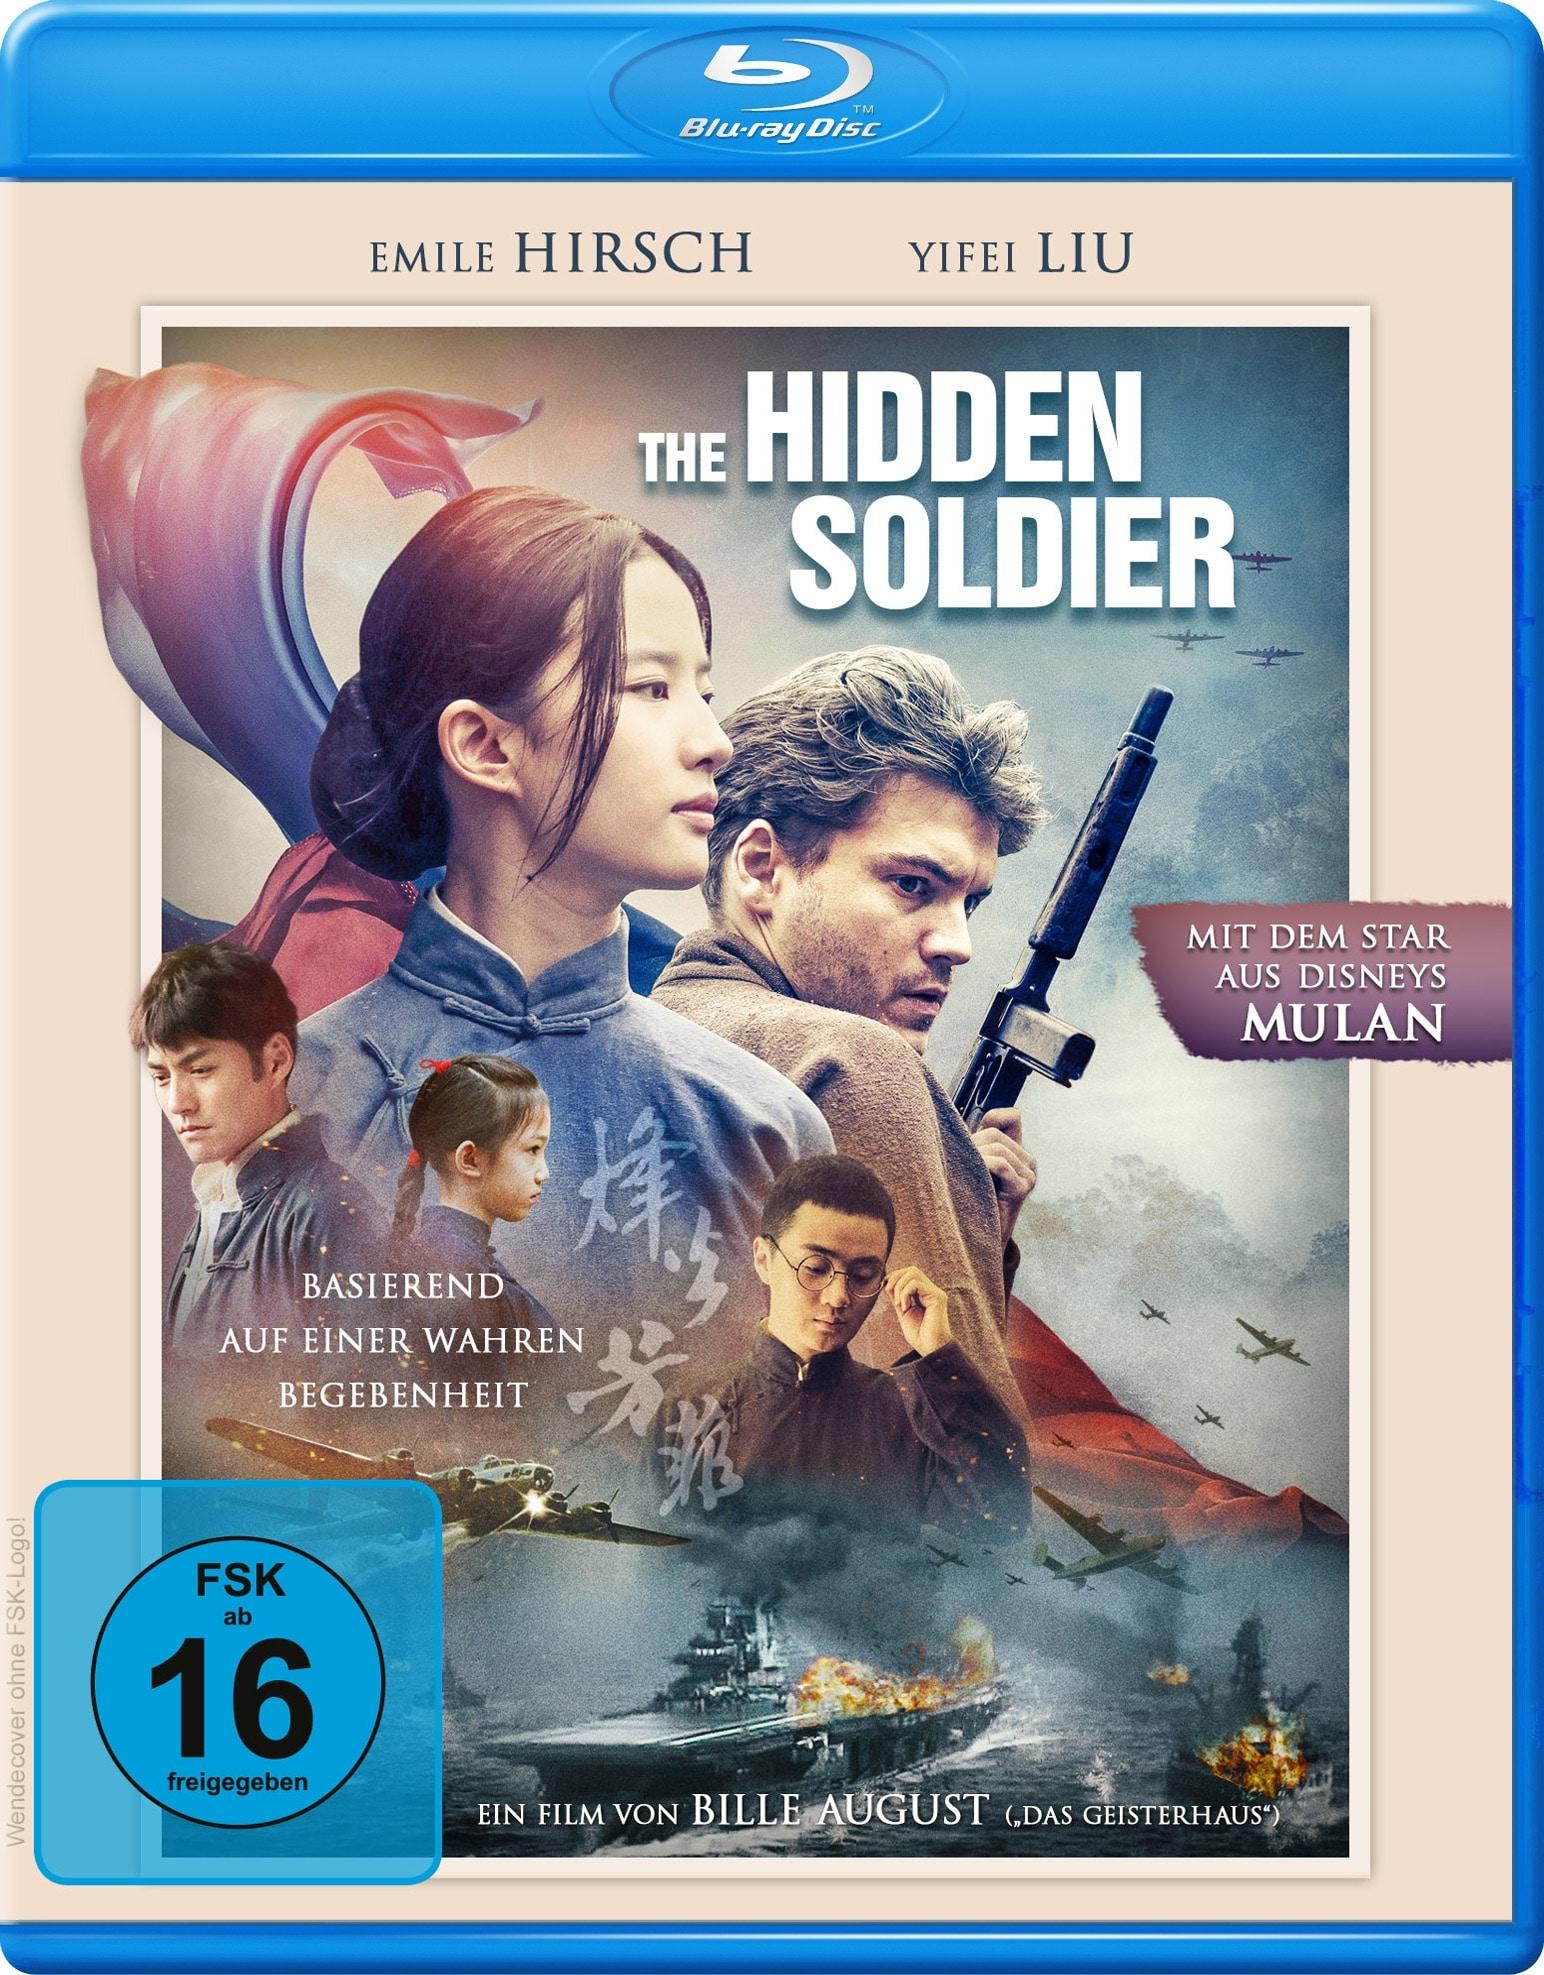 Das Blu-ray Cover von The Hidden Soldier mit Emile Hirsch und Yifei Liu in den Hauptrollen. Man sieht die Hauptdarstellerin in traditioneller Kleidung und Hirsch mit einem Gewehr in der Hand. Außerdem sieht man noch einige Nebenfiguren und eine Seeschlacht.